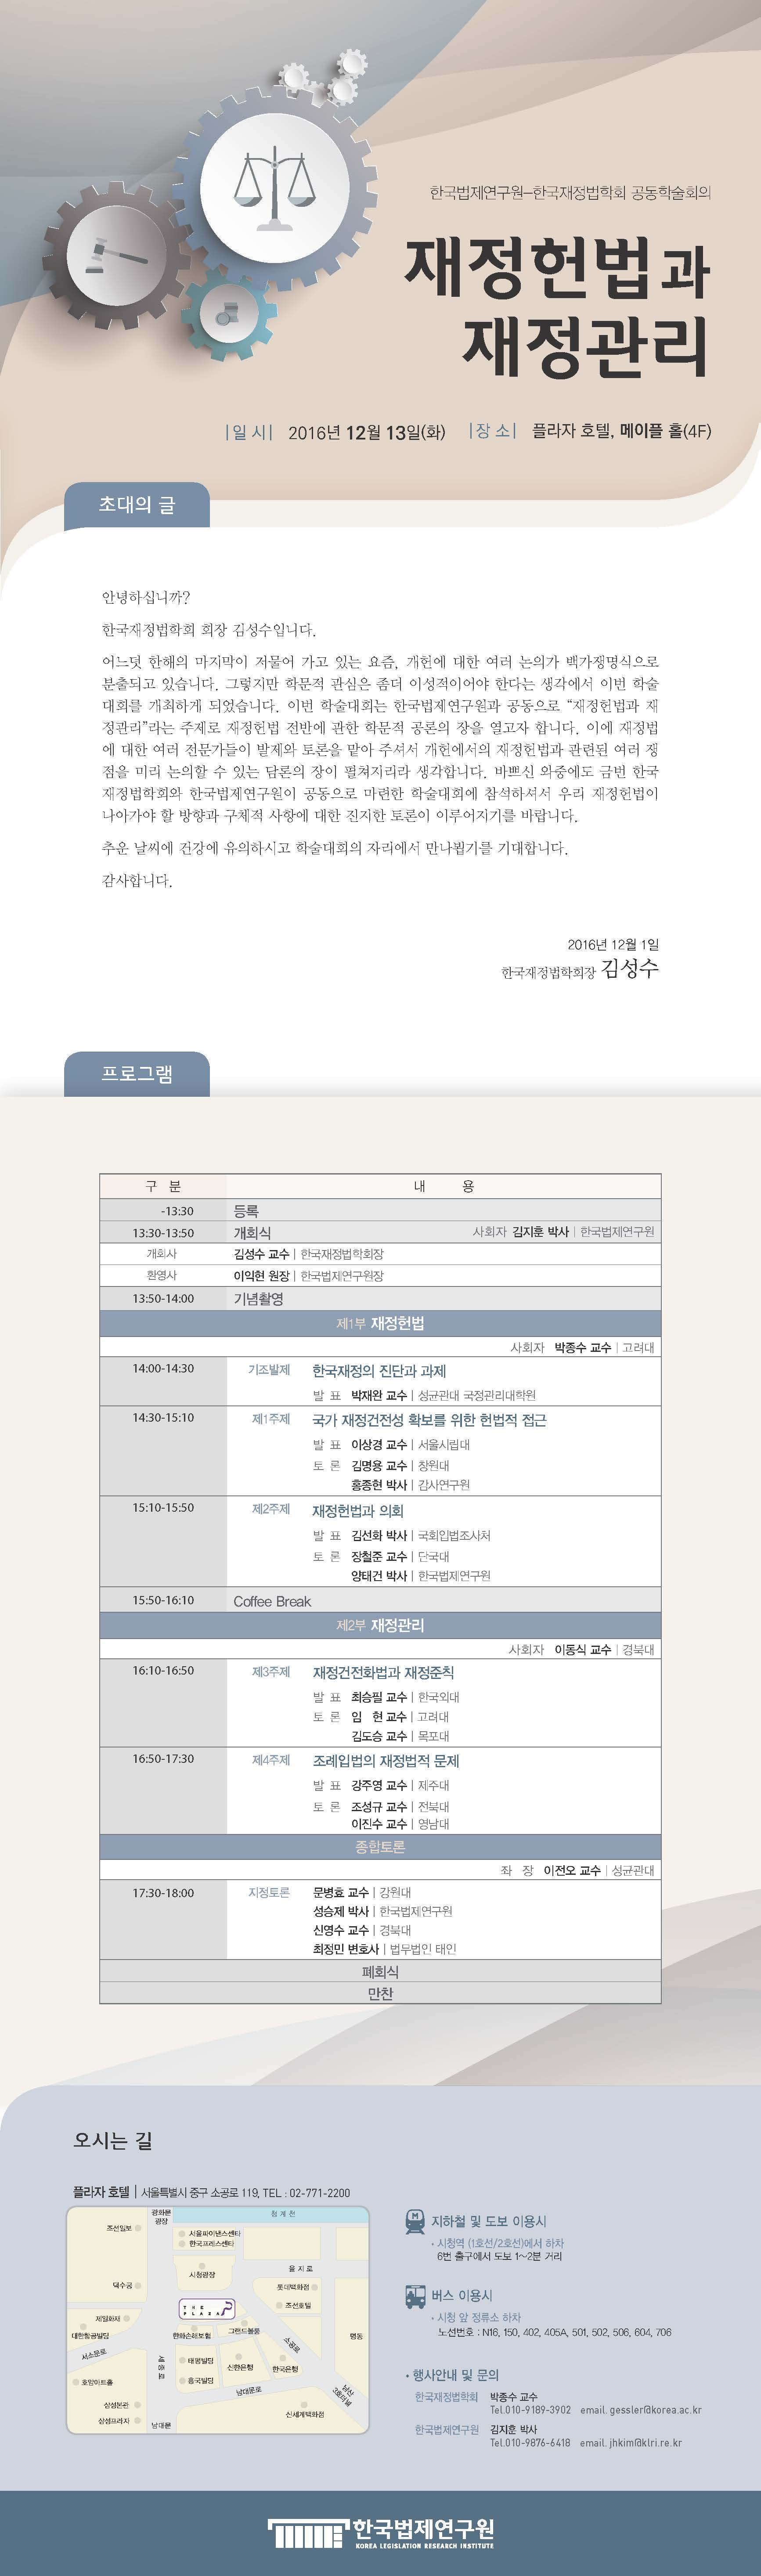 2016년도 재정법학회 초청장